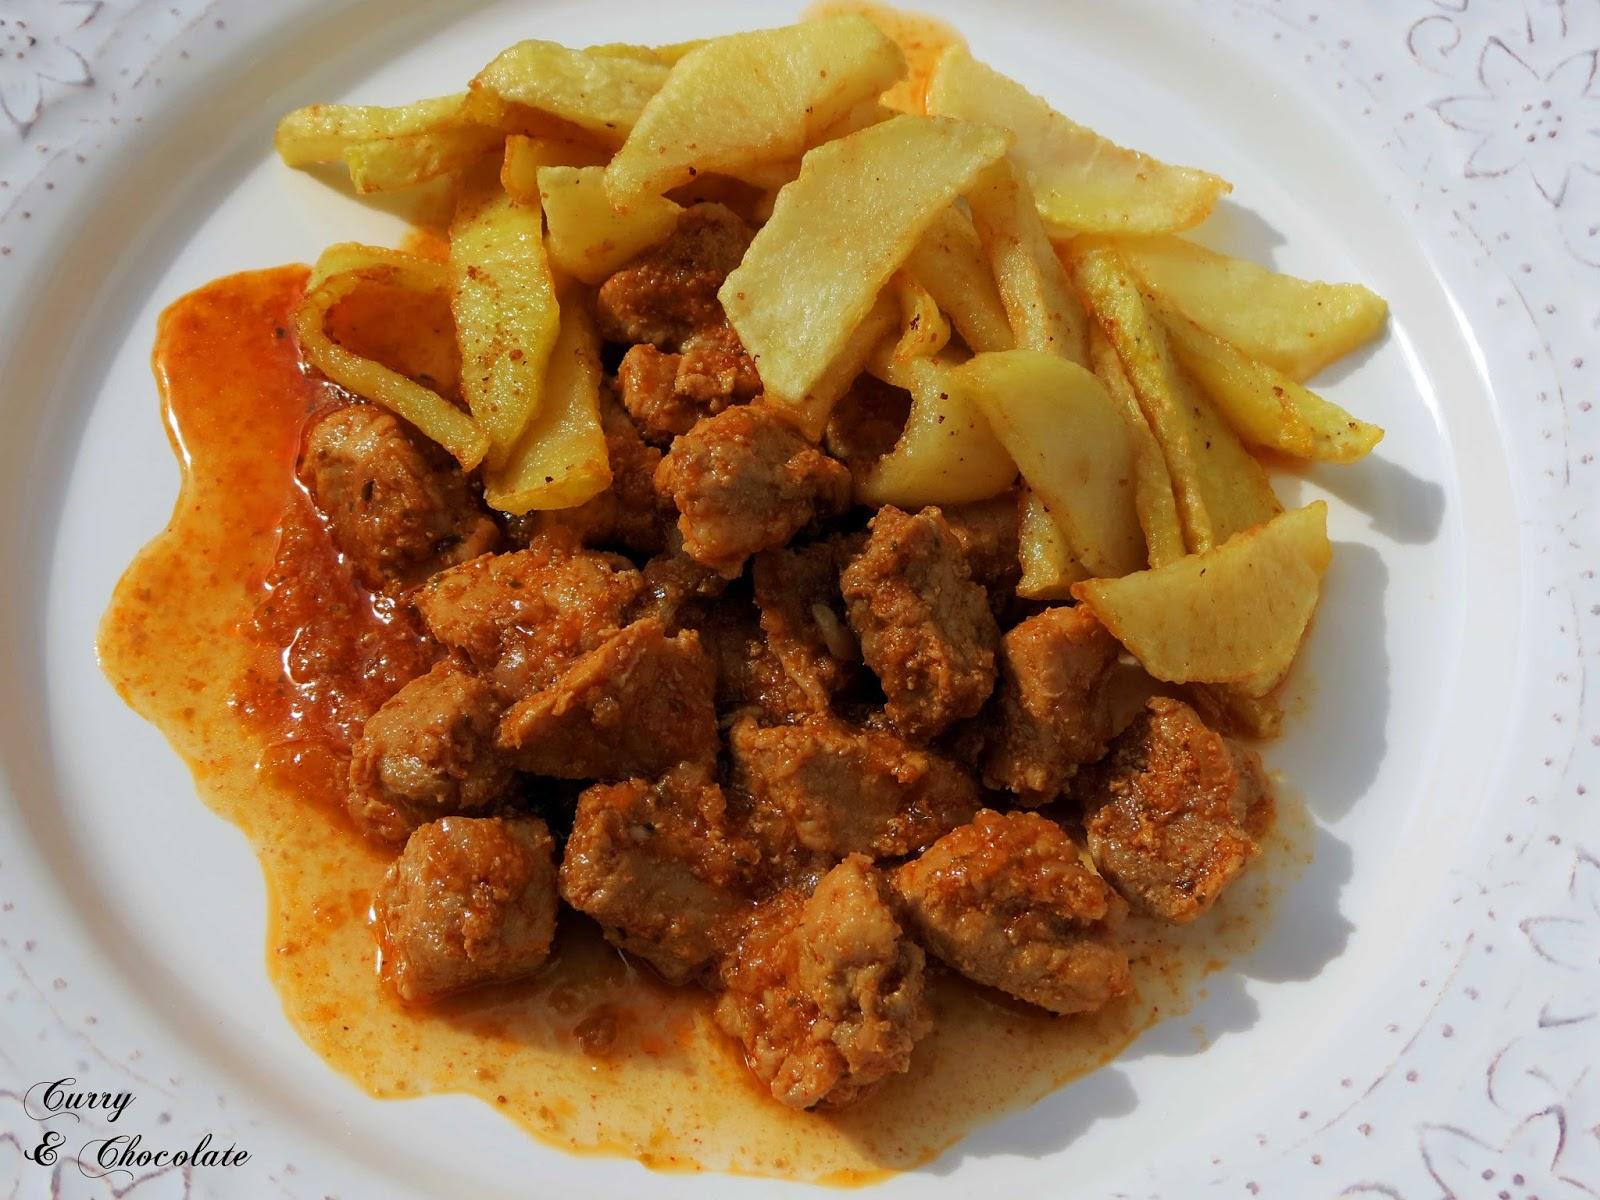 Carne a la taurina (Cerdo con salsa picante) – Pork with spicy sauce